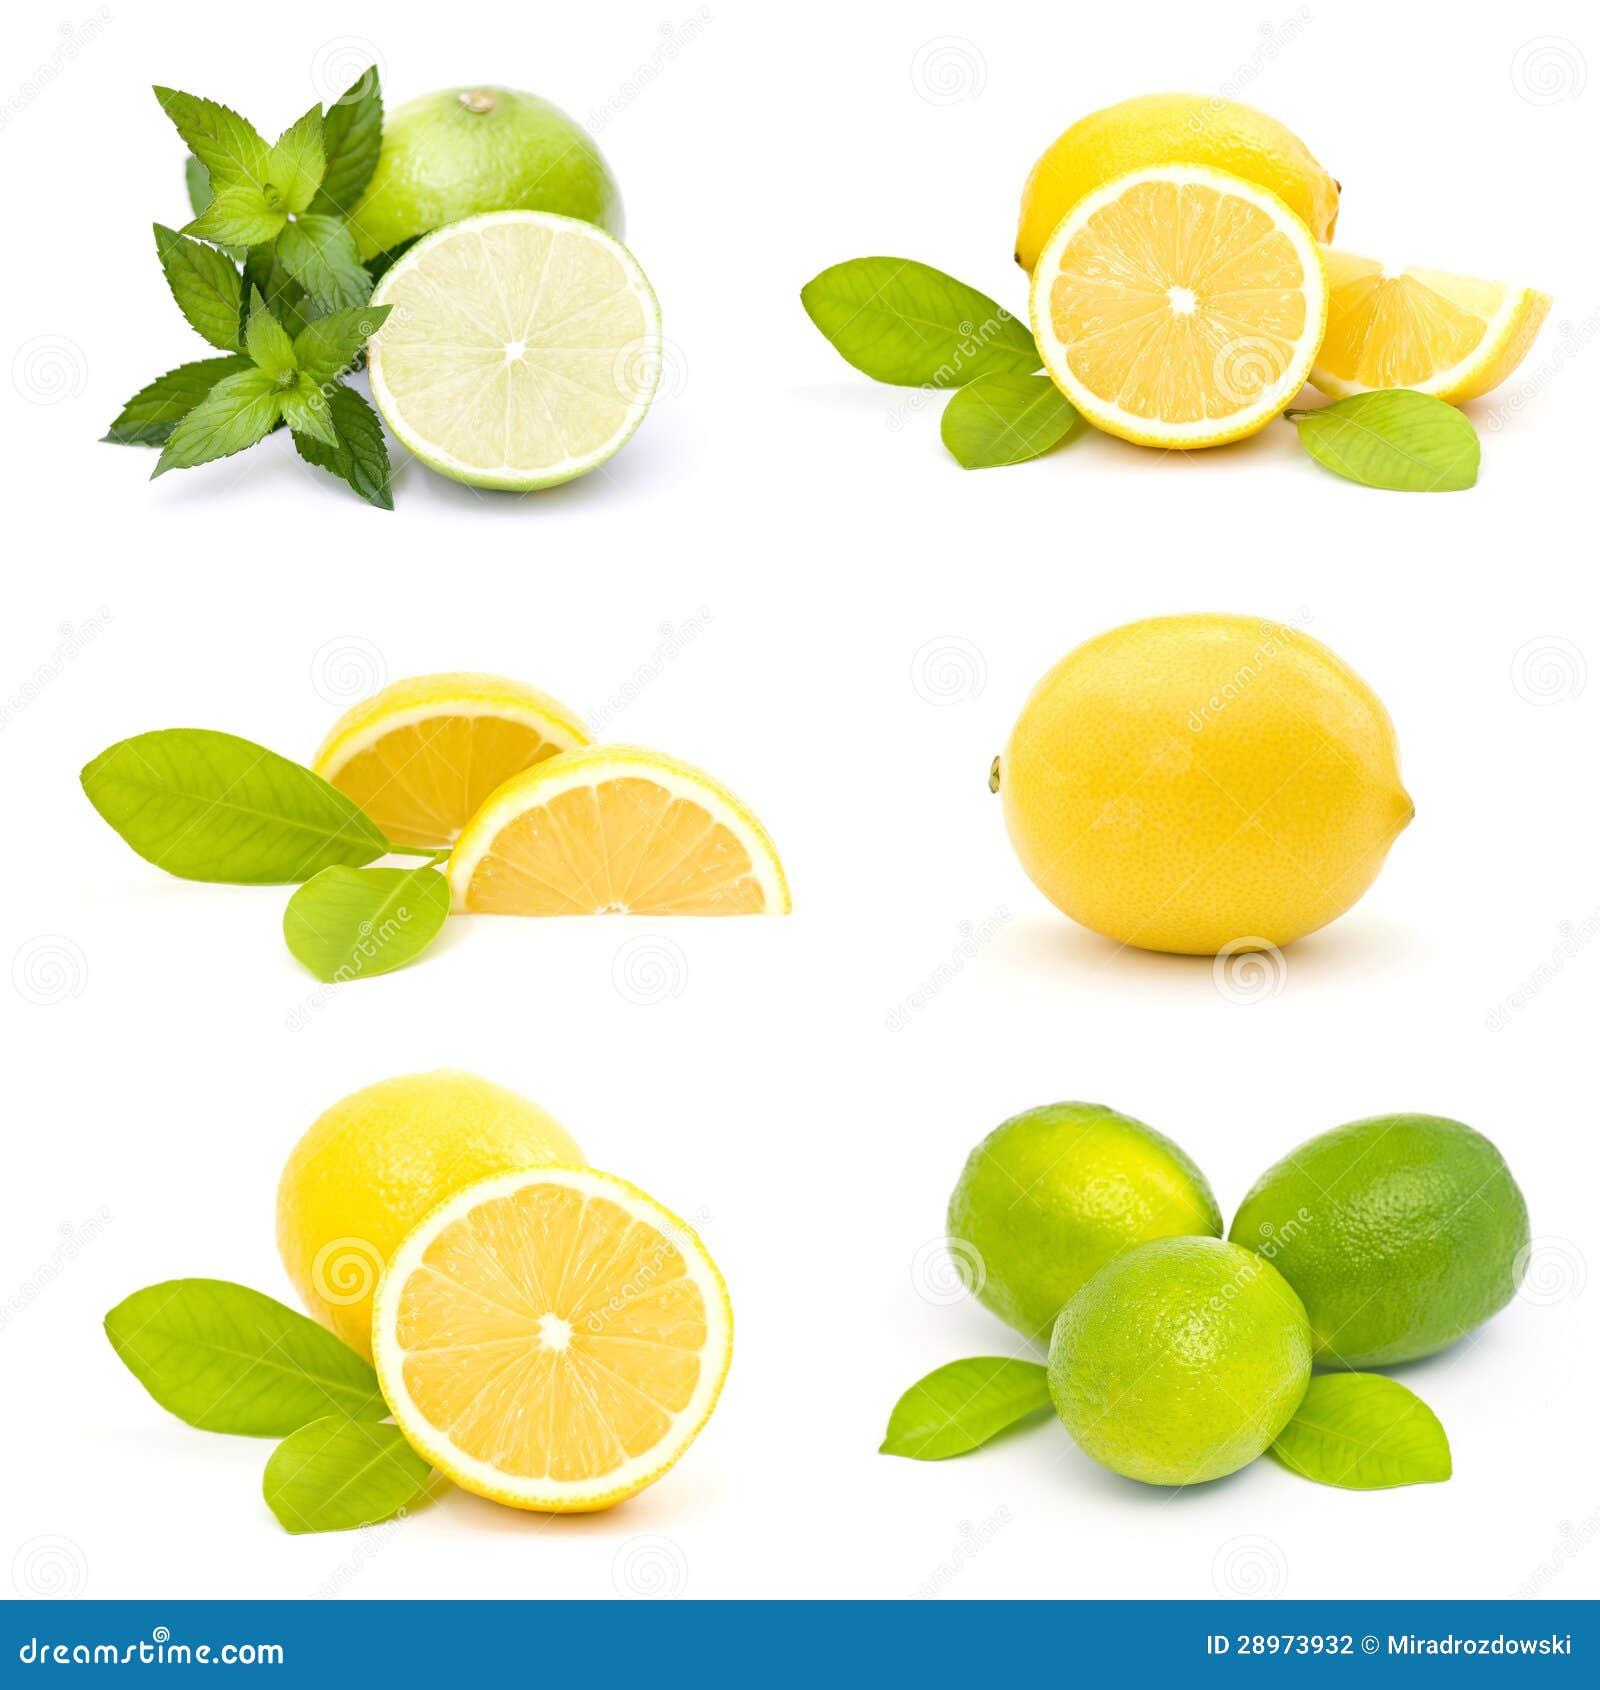 świezi wapno i cytryny - kolaż